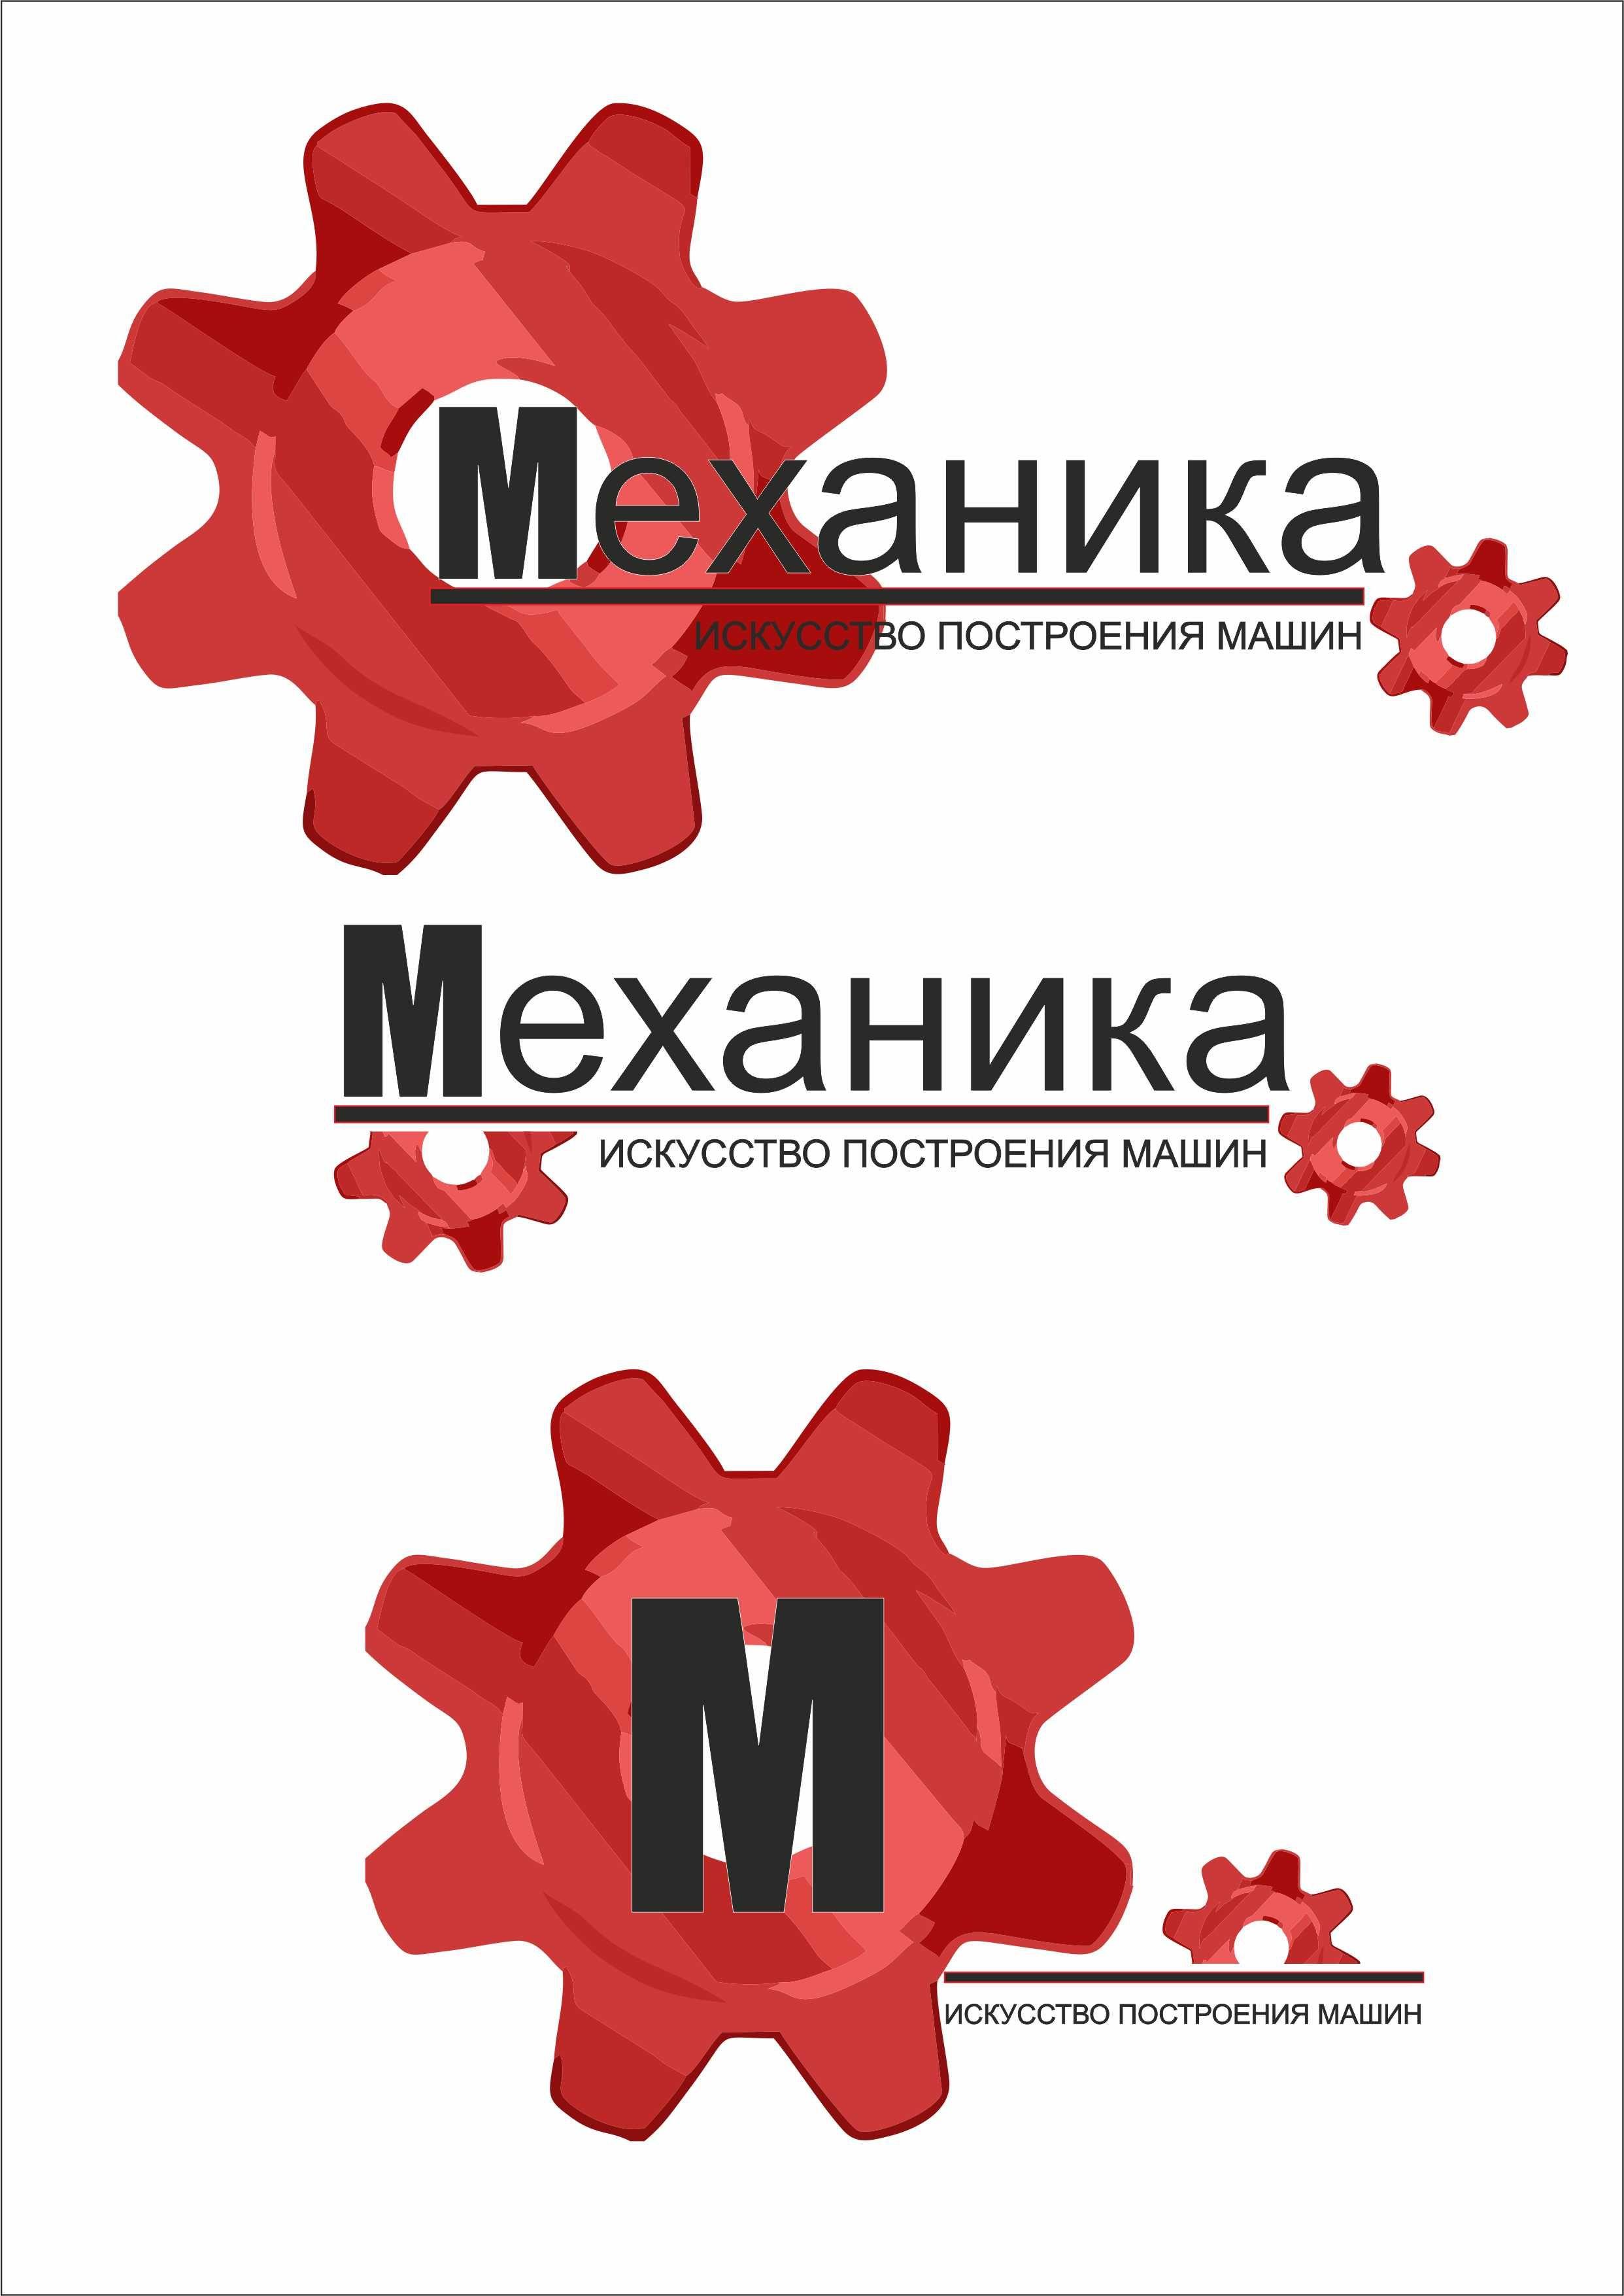 Логотип для магазина автозапчасти 'Механика' - дизайнер ssaapp